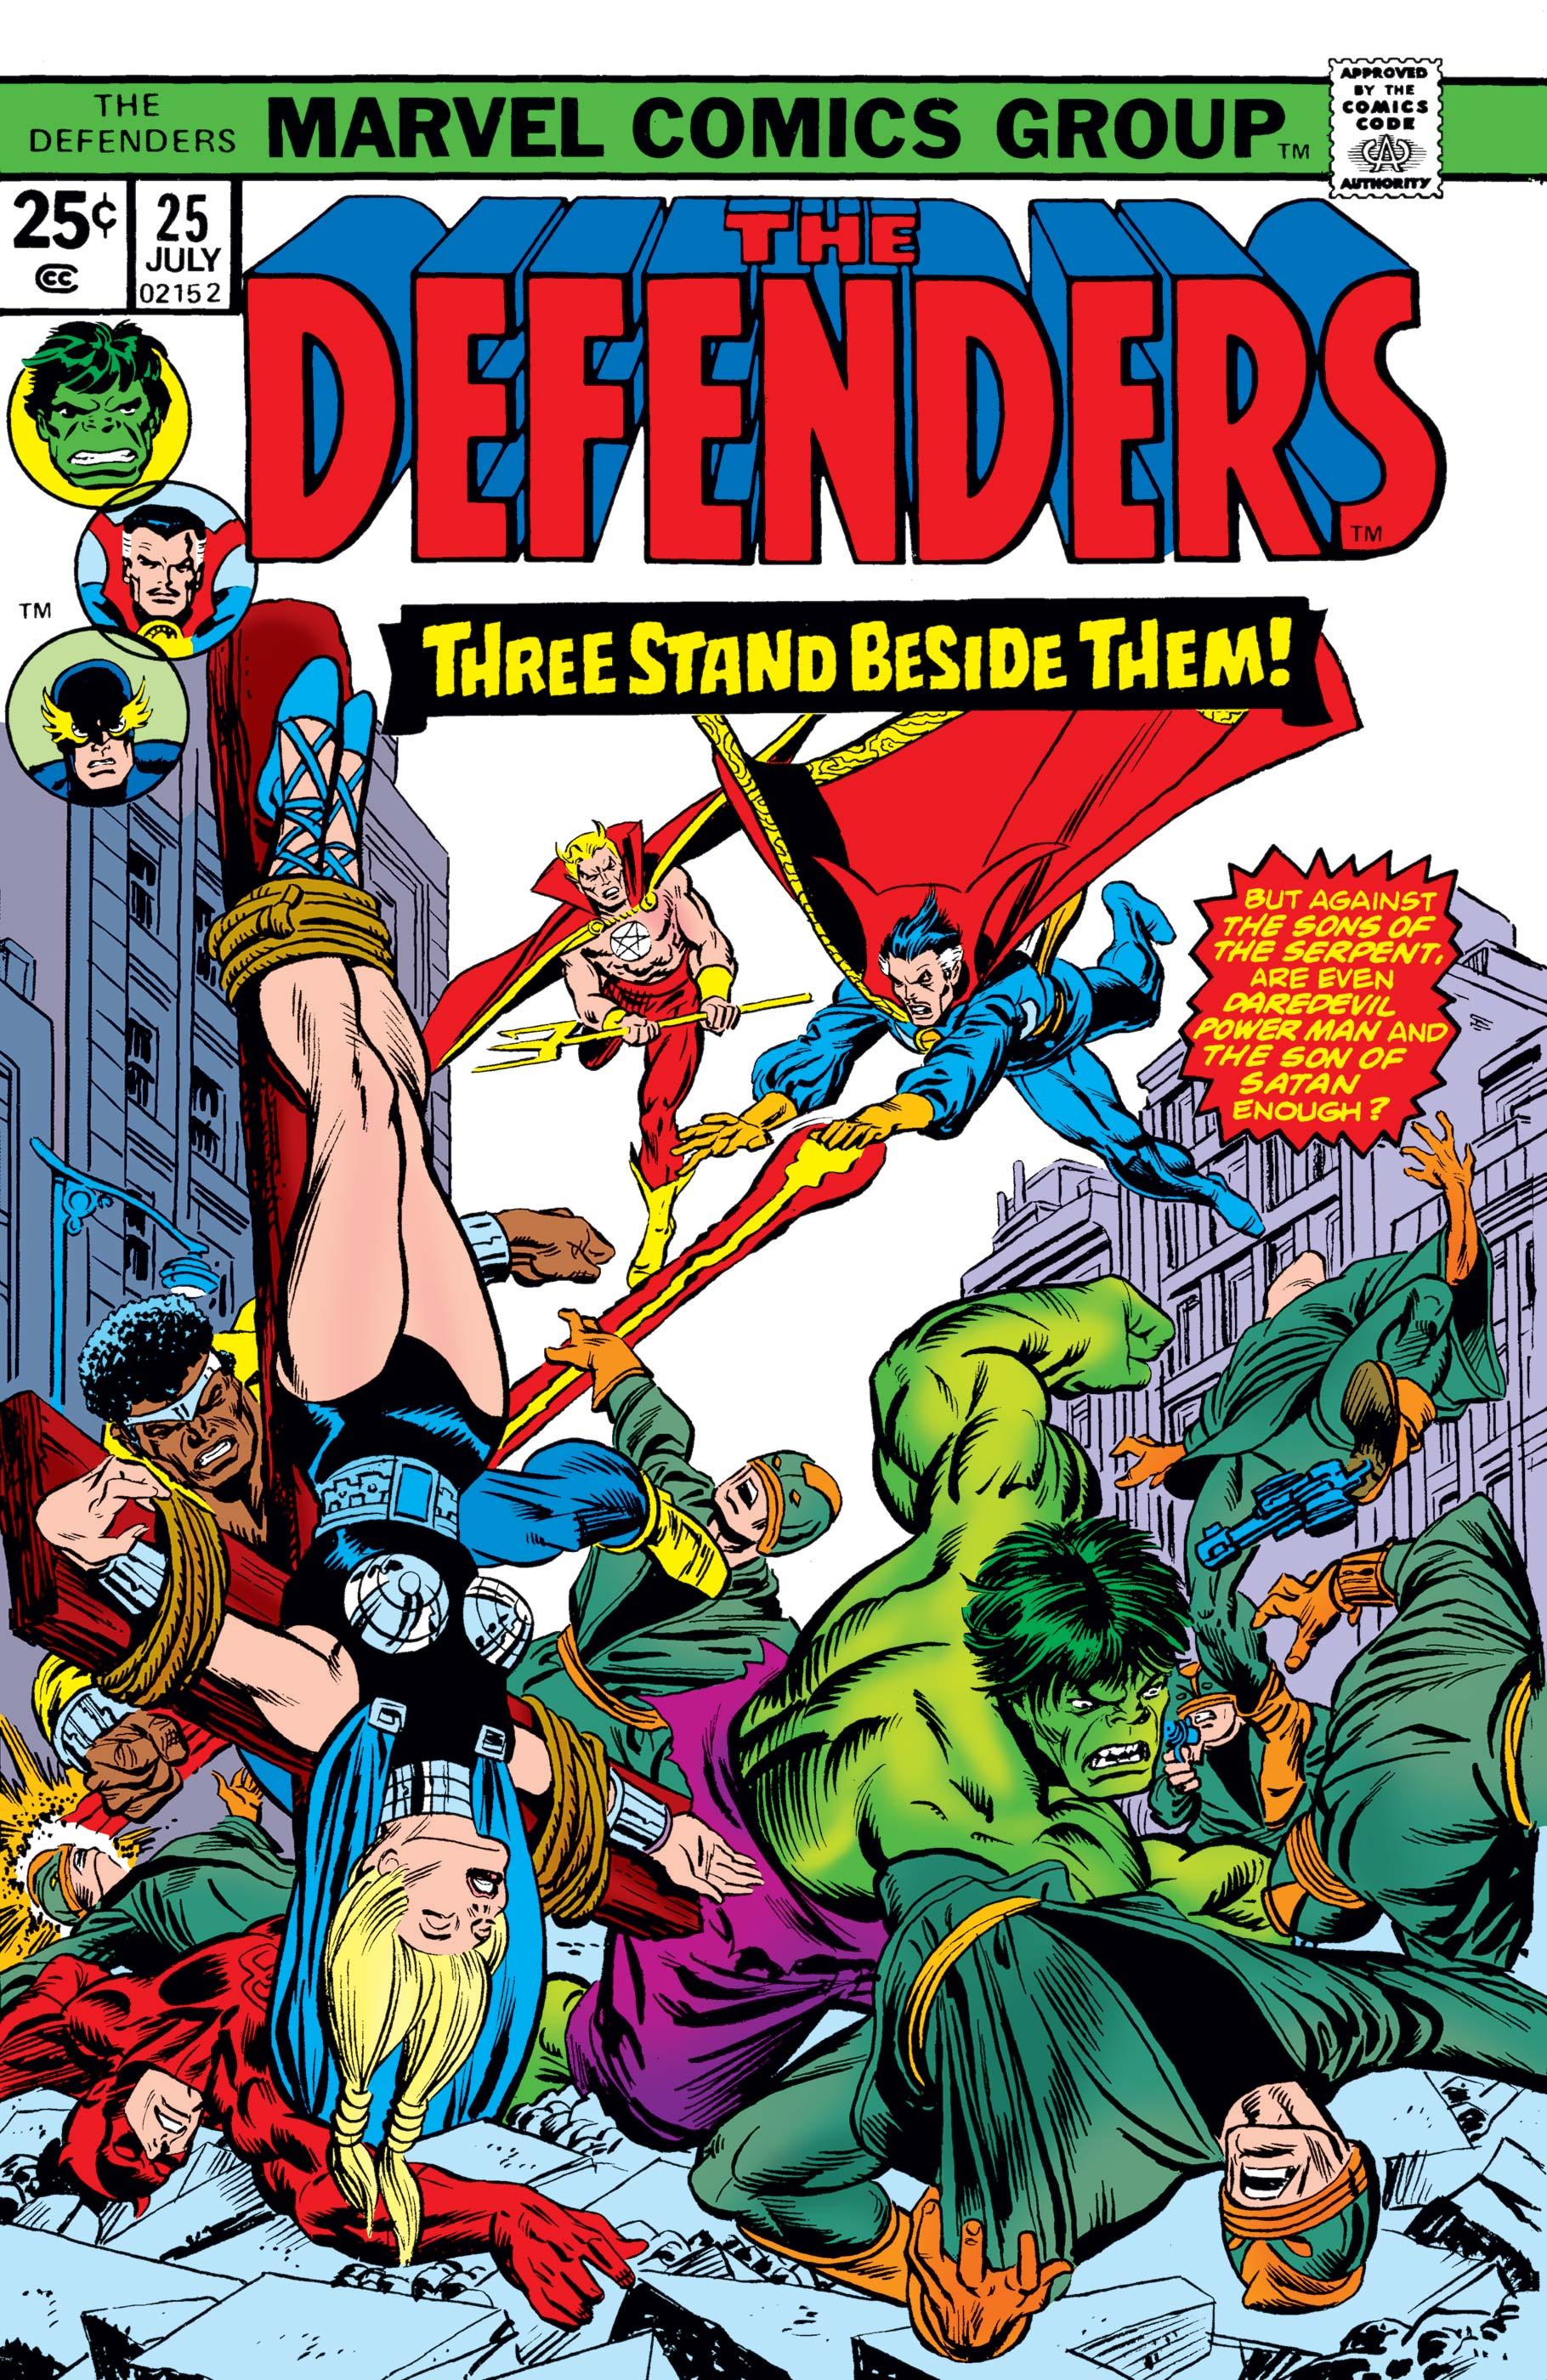 Defenders (1972) #25